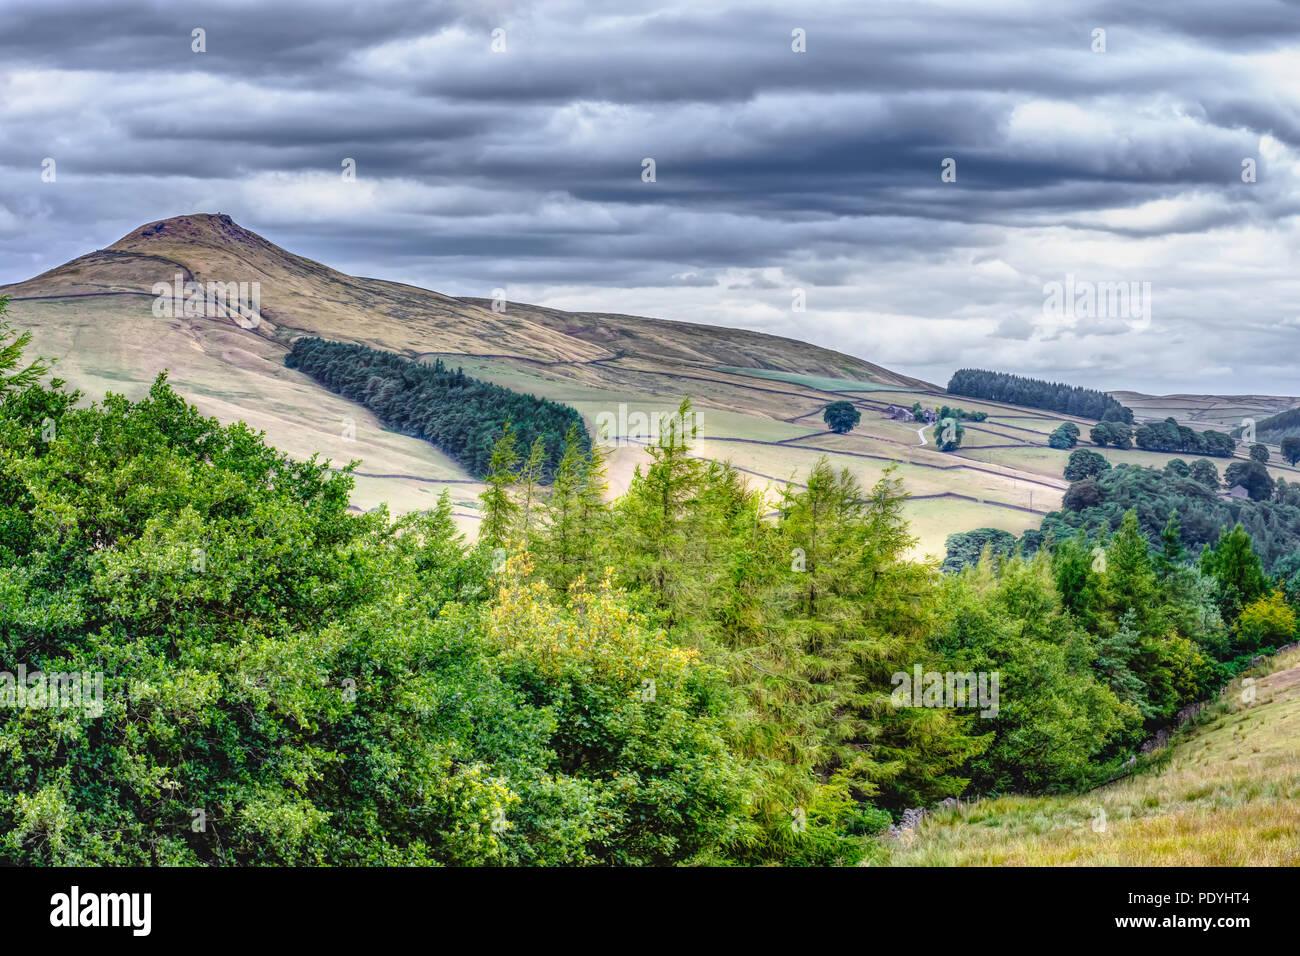 Idyllische Landschaft des Peak District National Park, Derbyshire, UK. Malerische Aussicht auf die Berge mit Bäumen im Vordergrund und Gipfel im Hintergrund. Stockbild